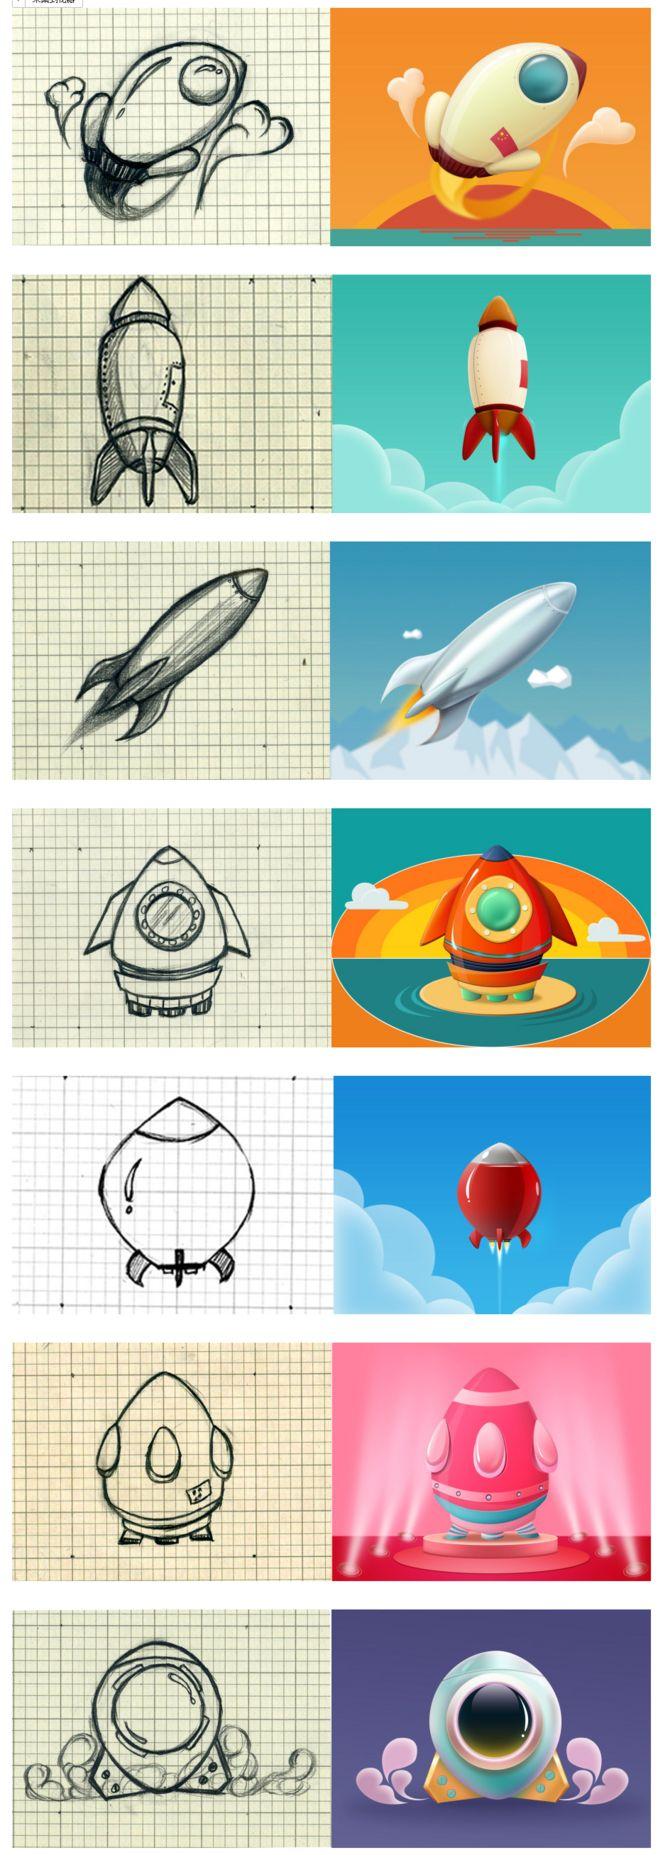 又是小火箭|图标|GUI|eyes格调 ...